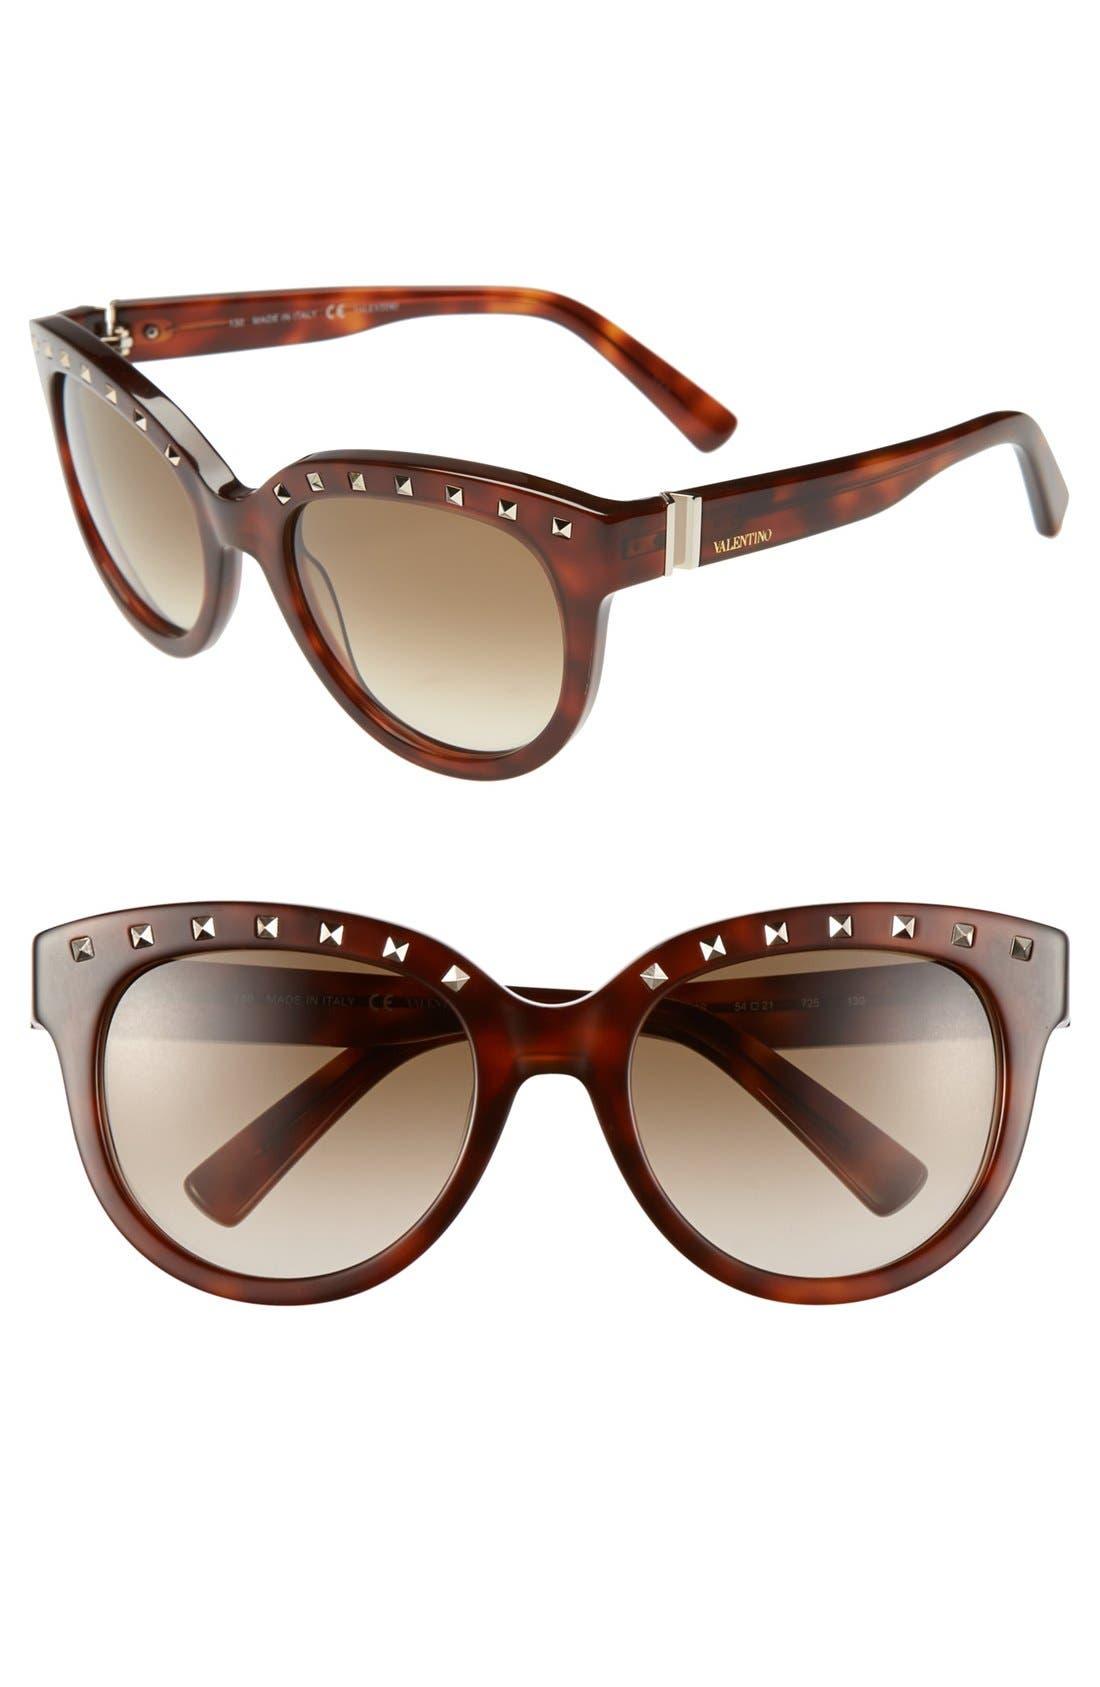 Alternate Image 1 Selected - Valentino 'Rockstud' 54mm Sunglasses